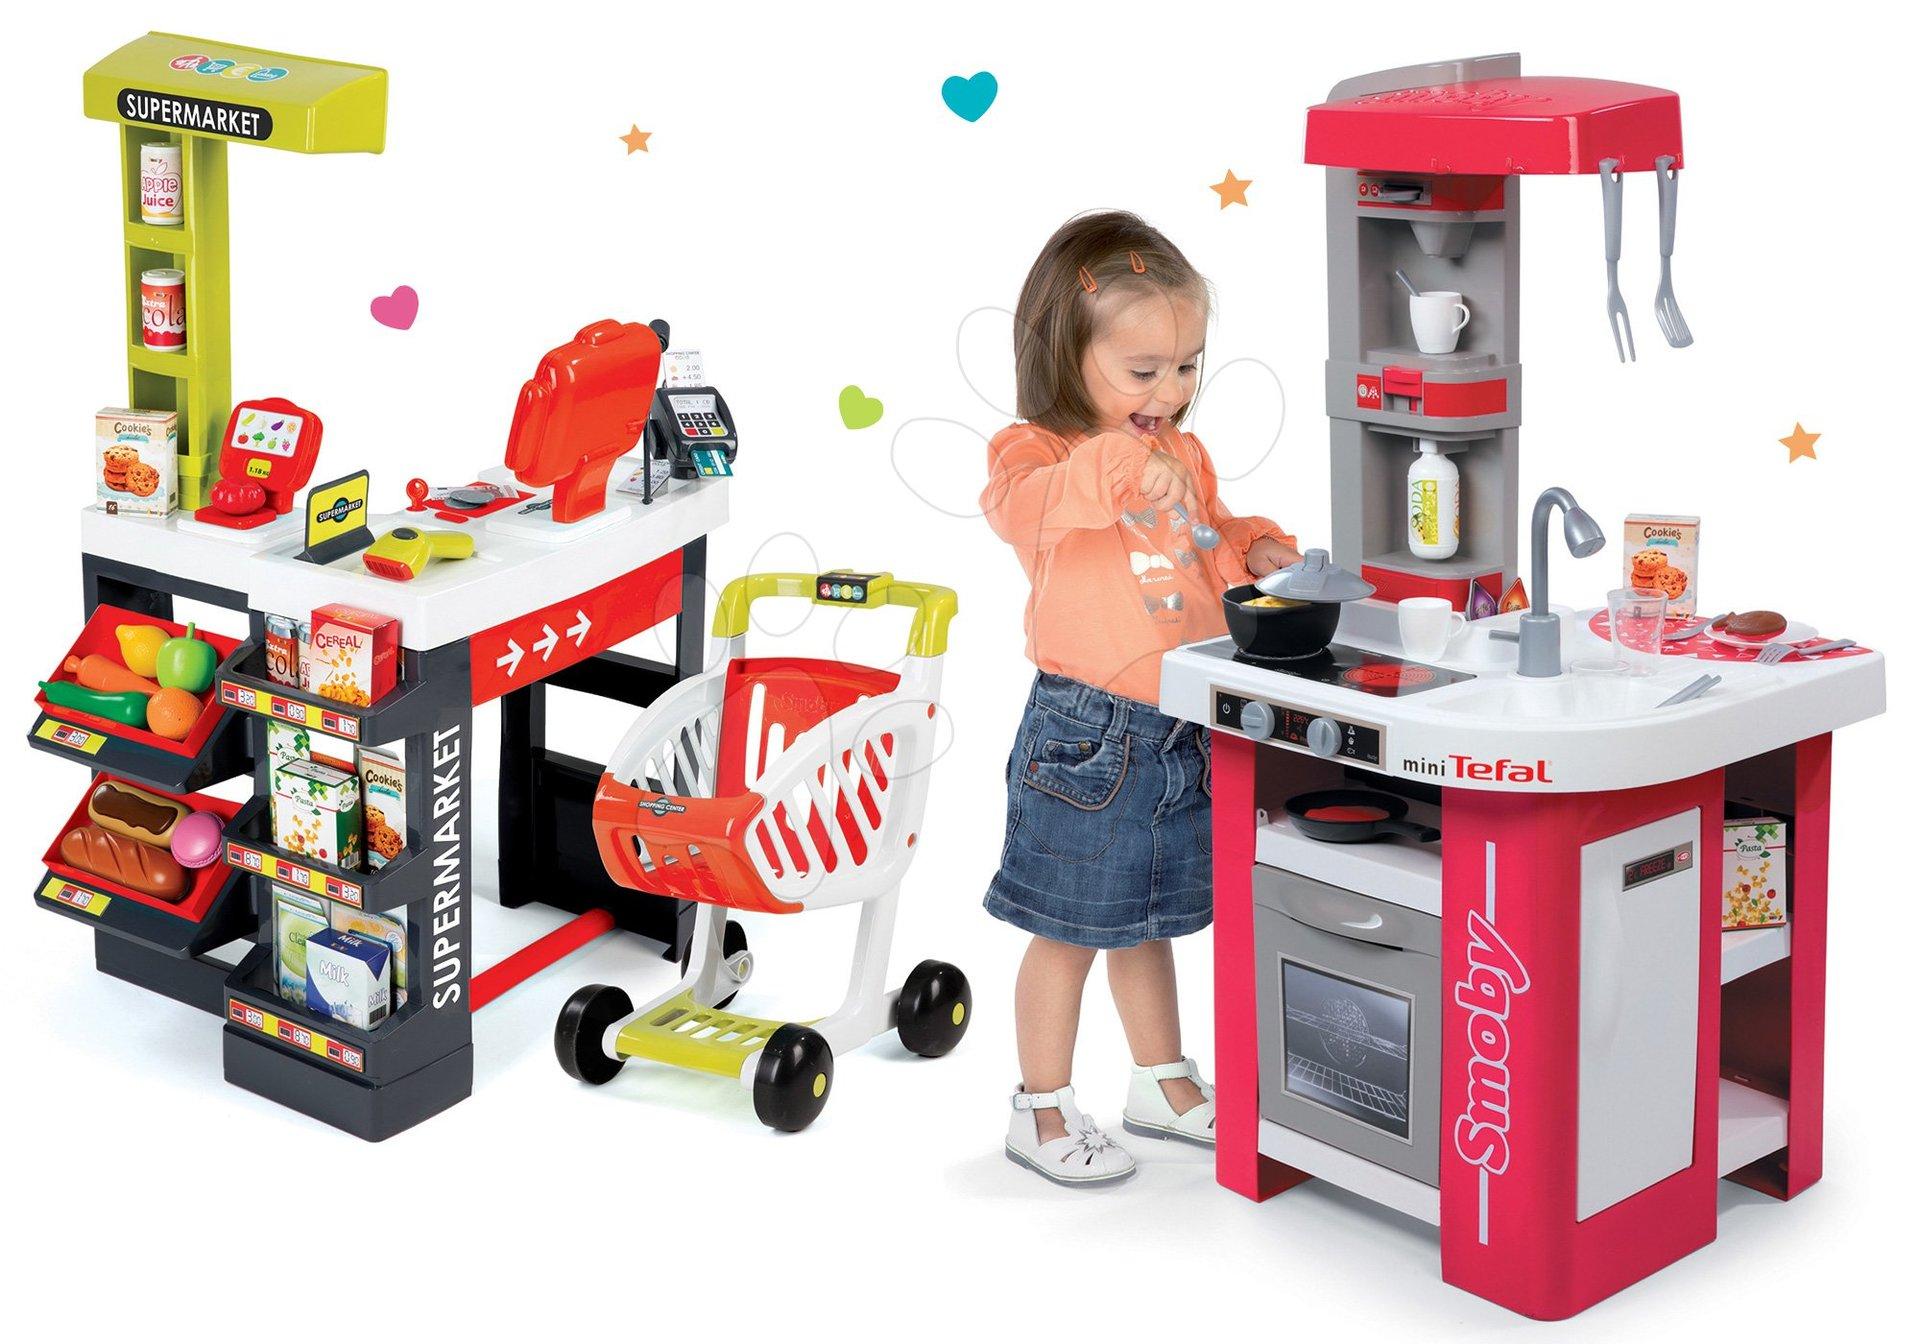 Smoby set detská kuchynka Tefal Studio a supermarket s váhou a pokladňou 311022-1